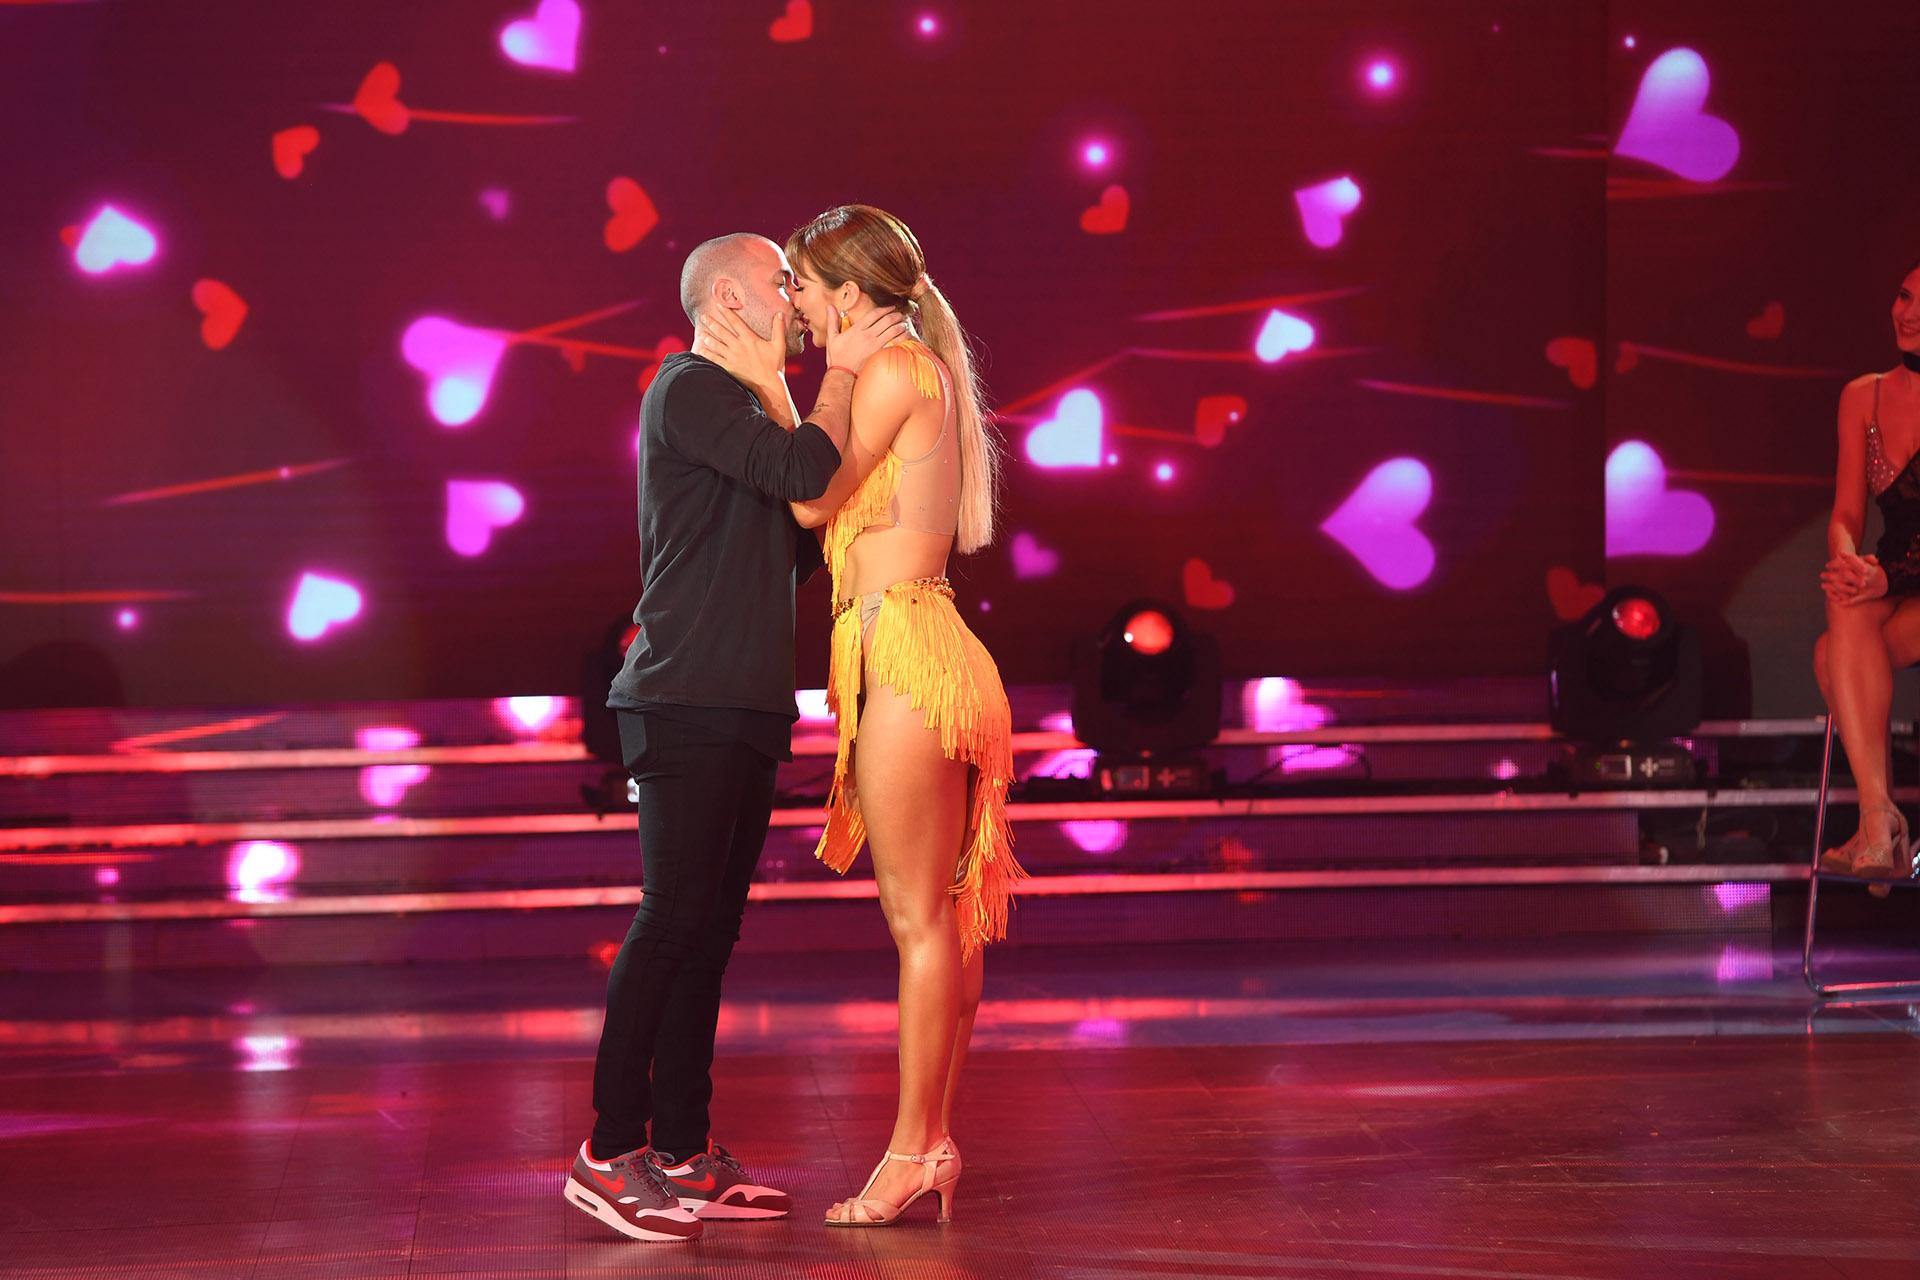 """¡Lluvia de corazones! La relación de Flor Vigna y Matías Napp ya superó las fronteras del """"Bailando 2019"""". Aunque también allí lo demuestran, para quien quiera verlos… (Foto: LaFlia / Negro Luengo)"""